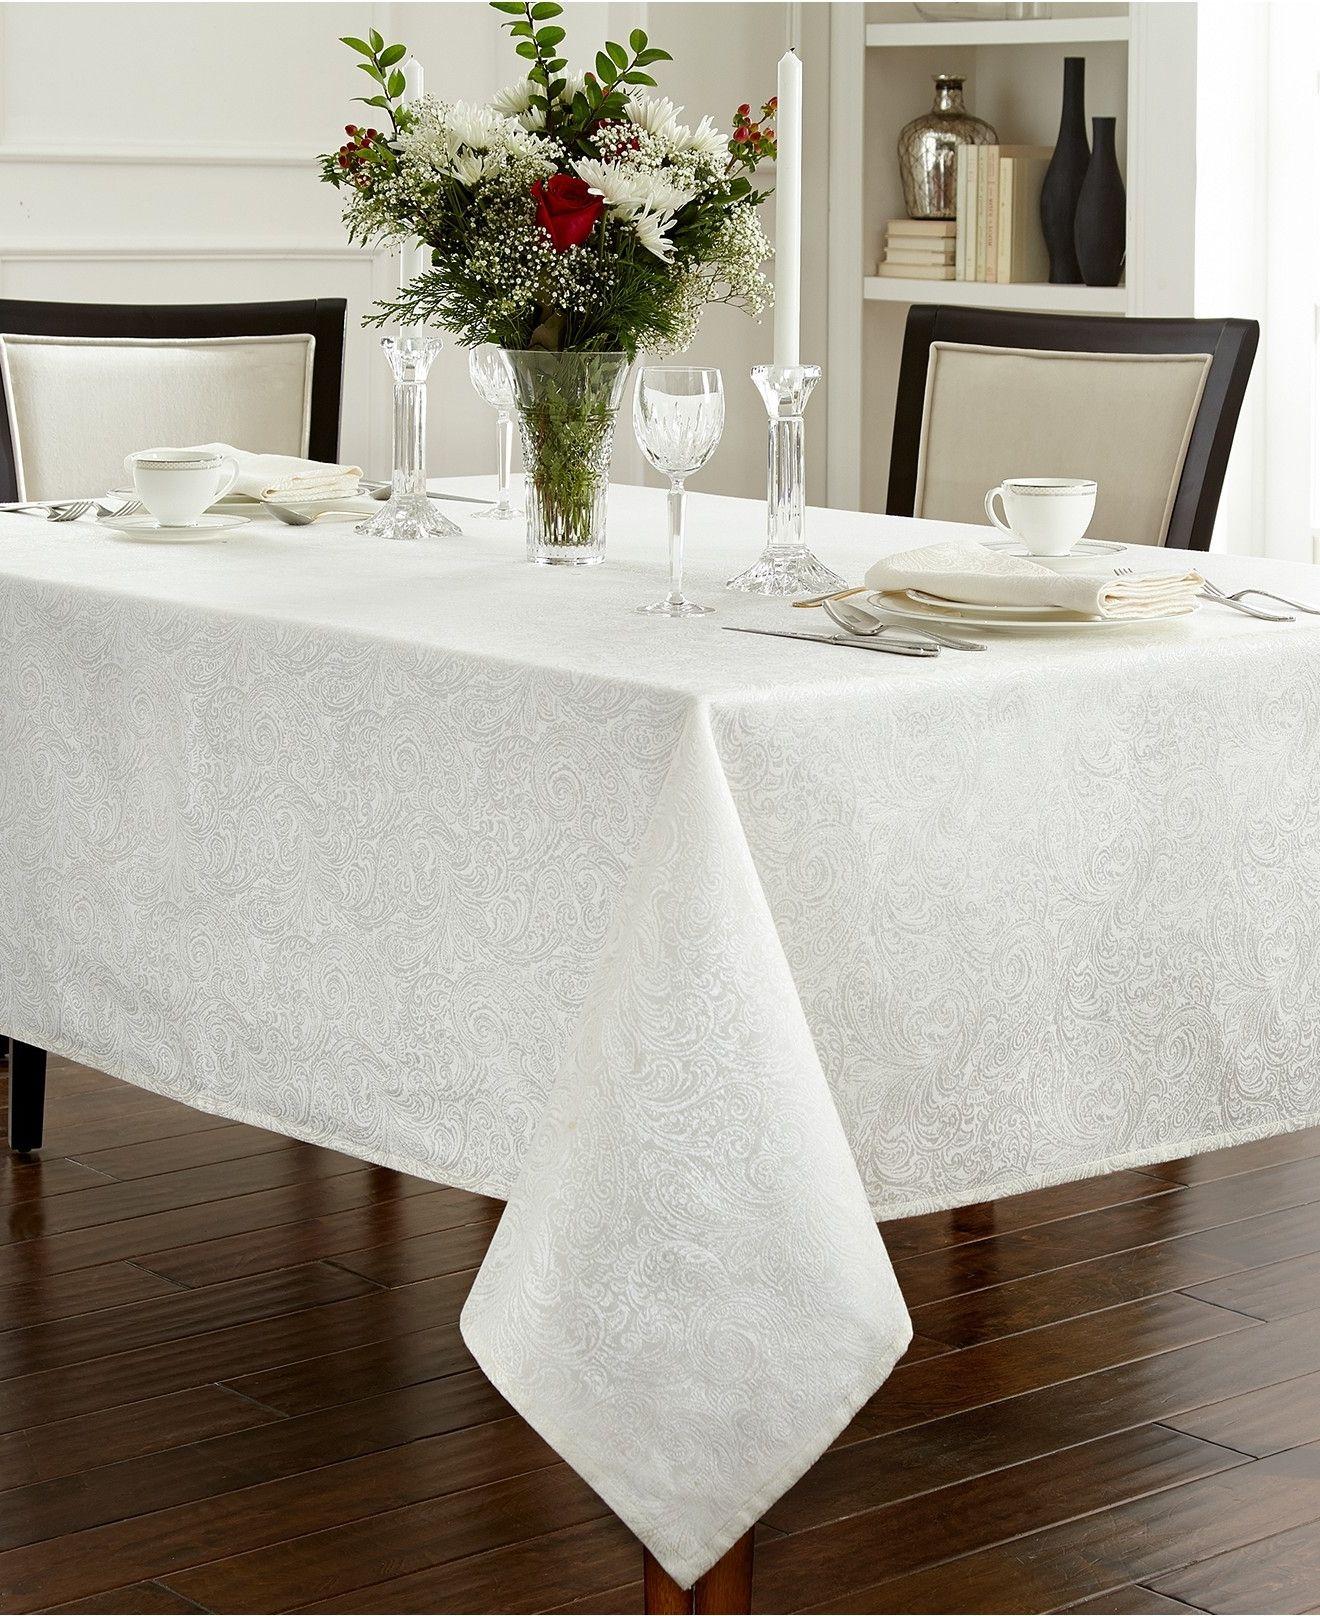 Belk Tablecloths | Tablecloth | Pinterest